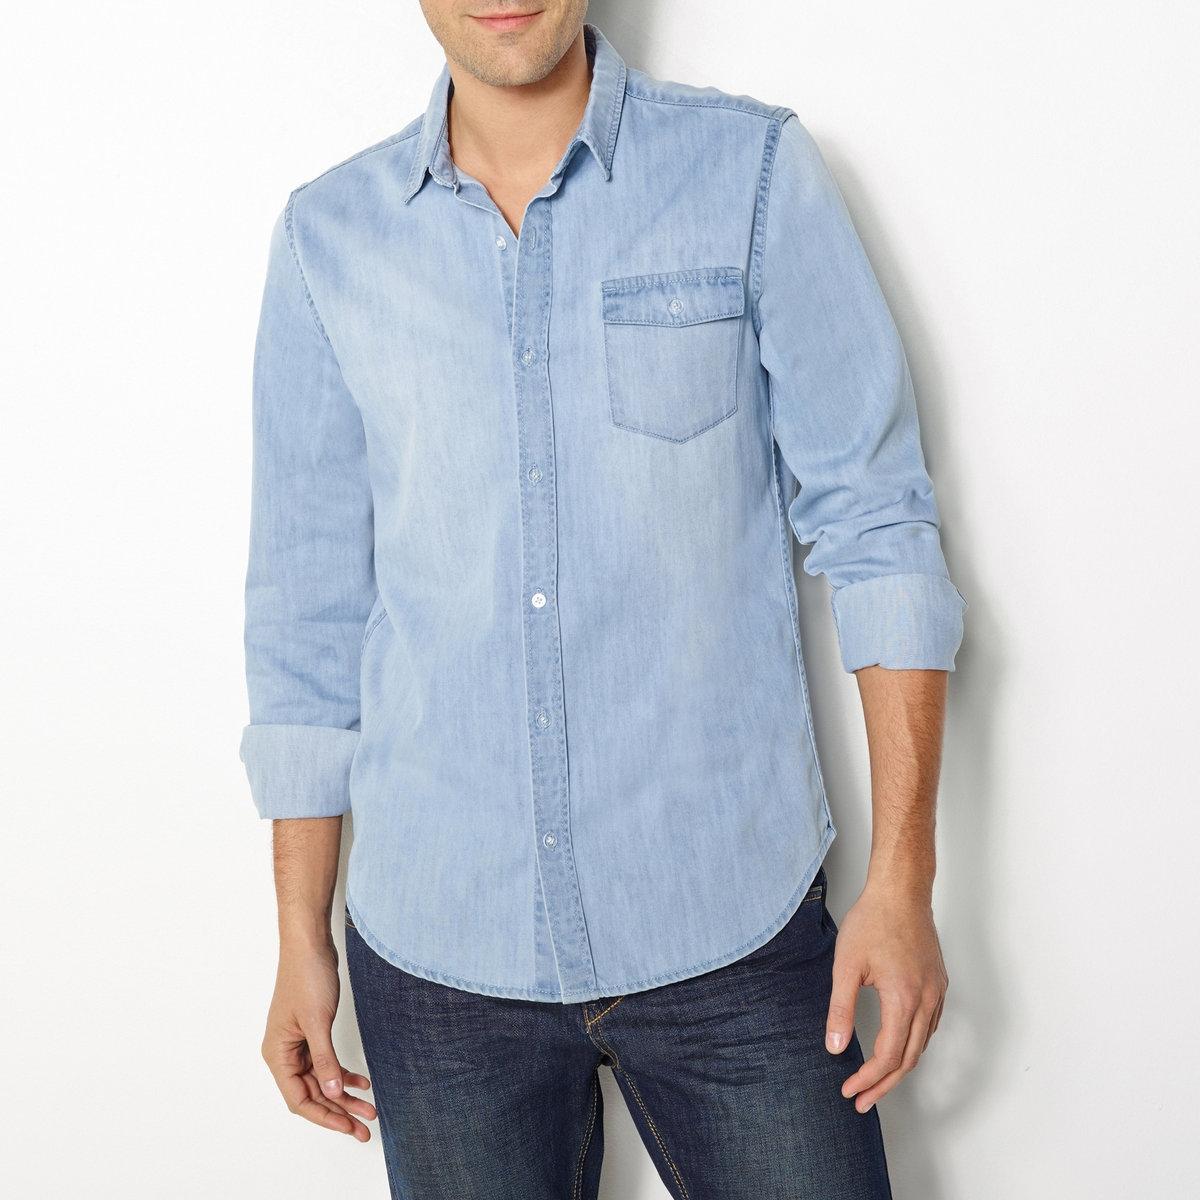 Рубашка узкая из денима, 100% хлопкаУзкая рубашка из денима. Рубашка из денима, 100% хлопка. Свободные уголки воротника. Планка застежки на перламутровые пуговицы спереди. Нагрудный карман. Закругленный низ. Длина 77,5 см.<br><br>Цвет: выбеленный<br>Размер: 43/44.37/38